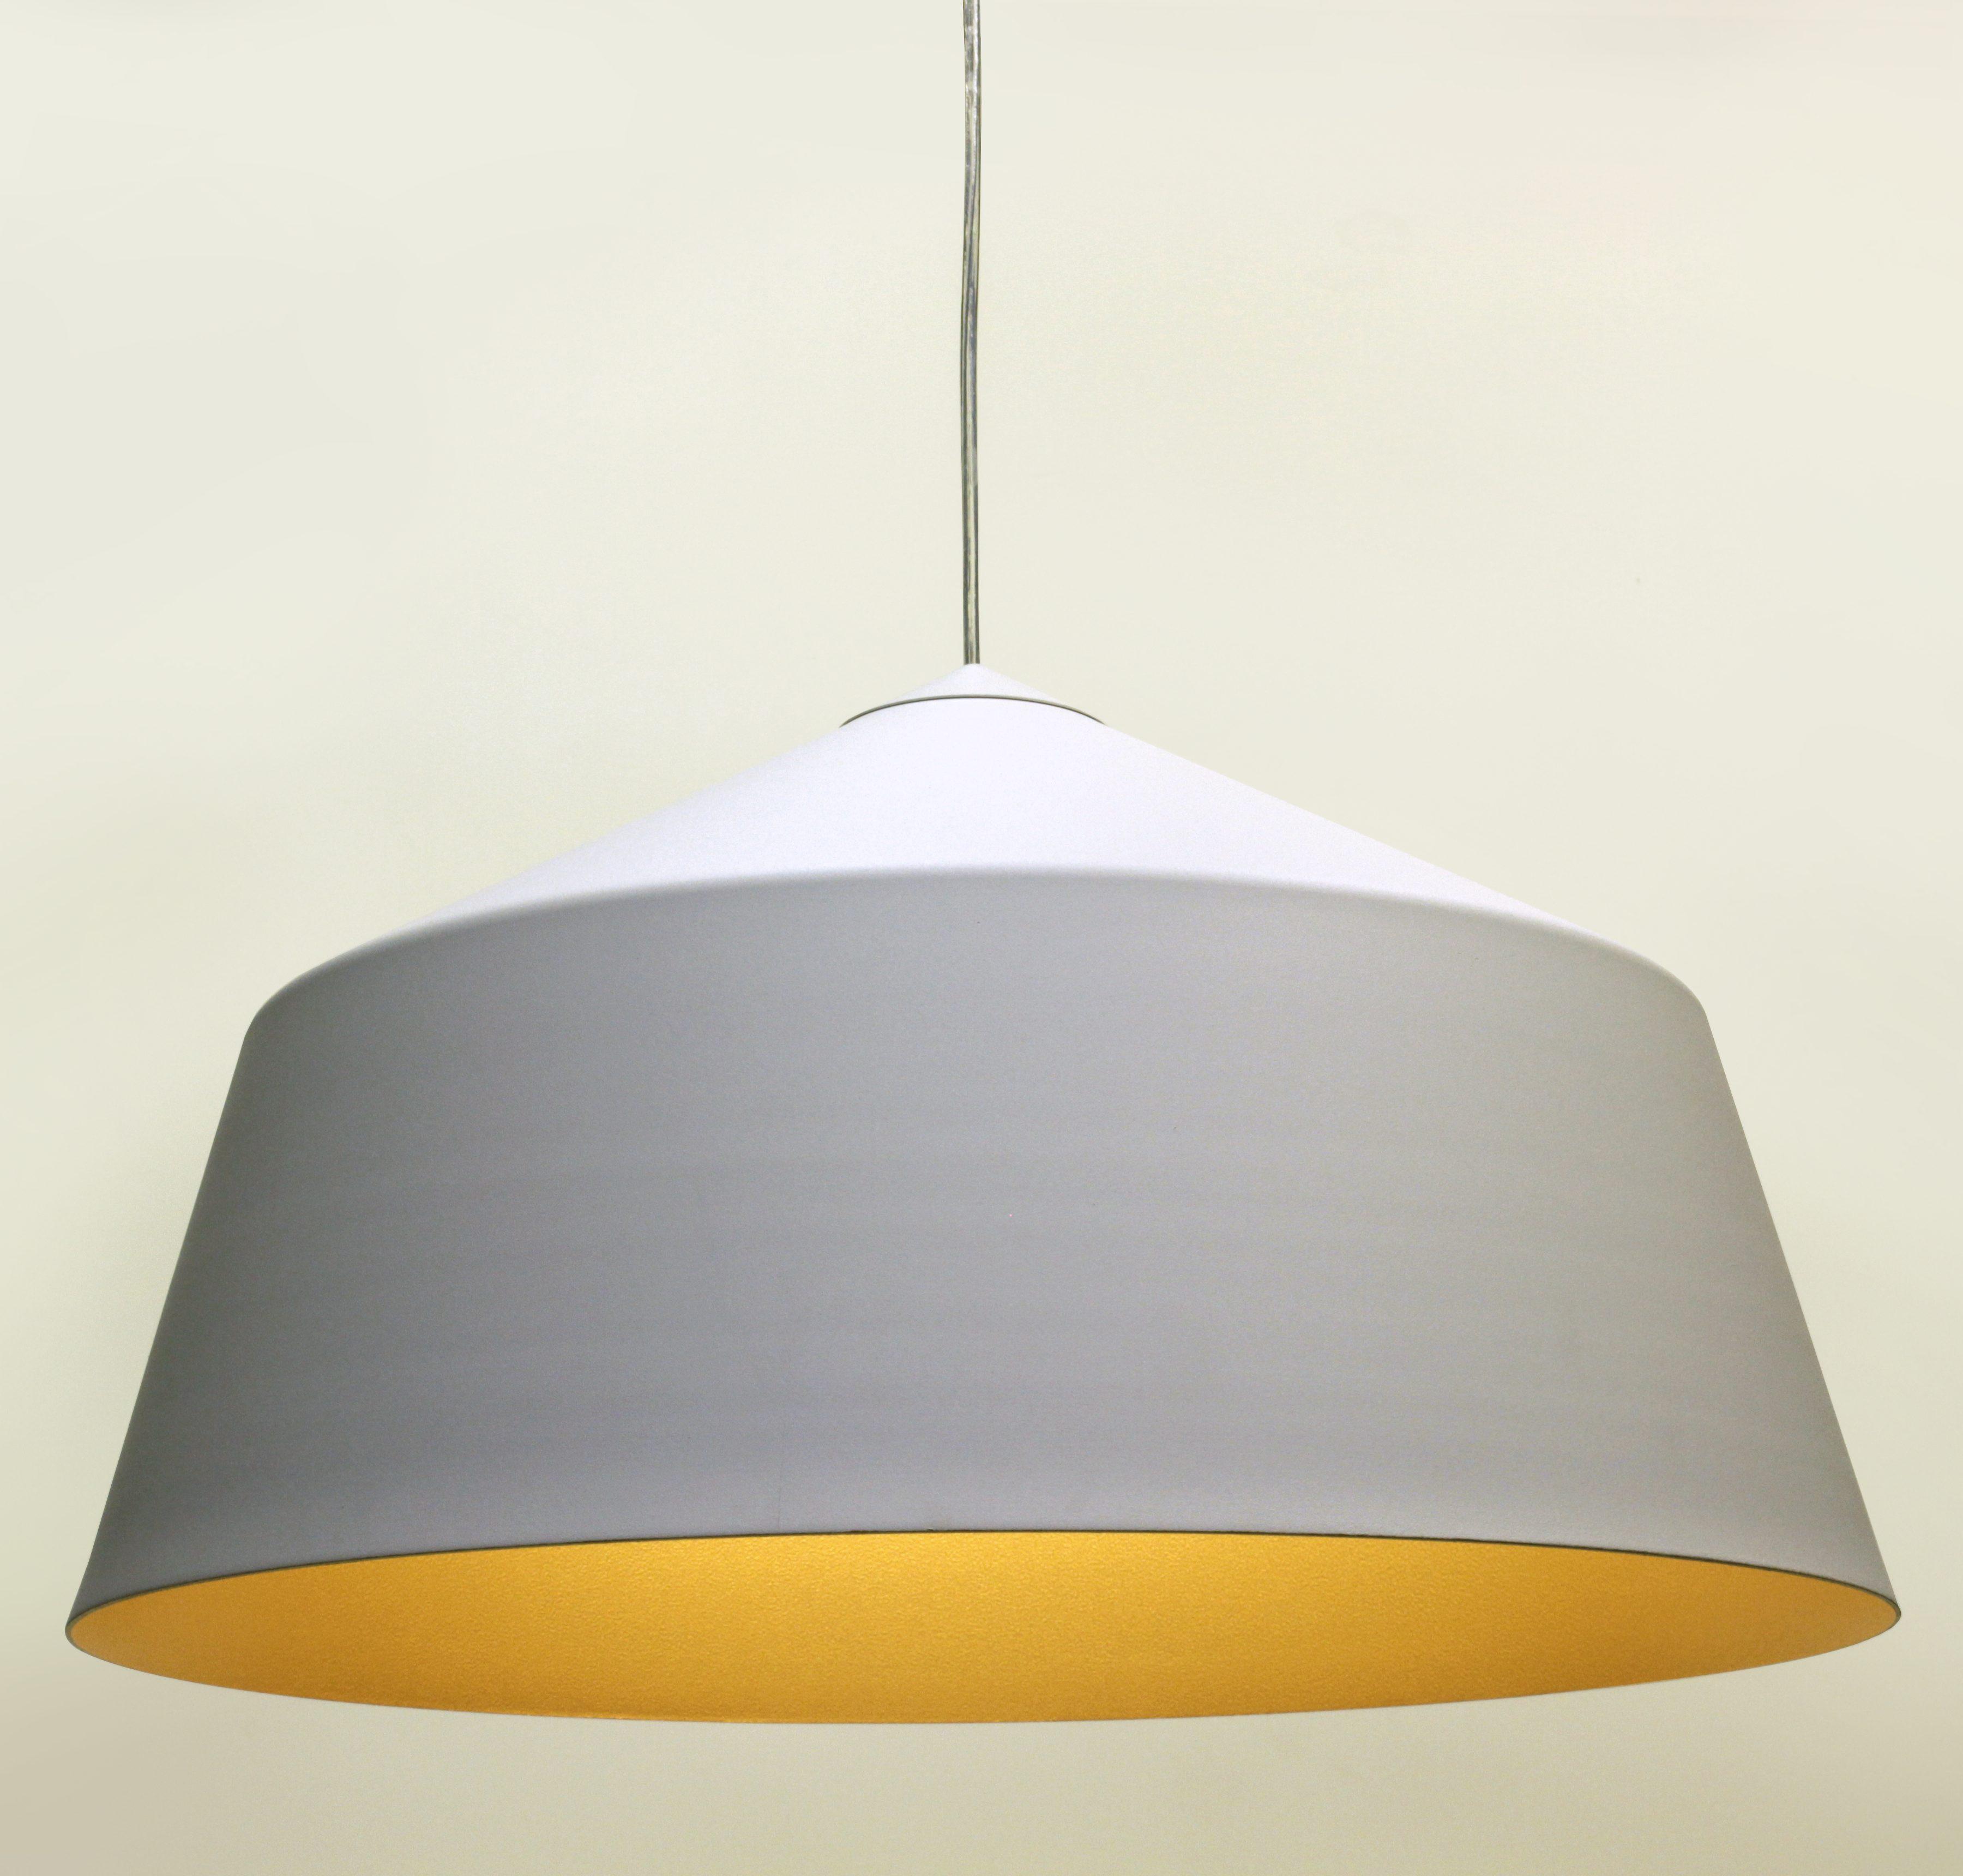 Luminaires Nedgis SuspensionCircus MediumBlancH42cm Innermost SuspensionCircus yv8m0nNOwP